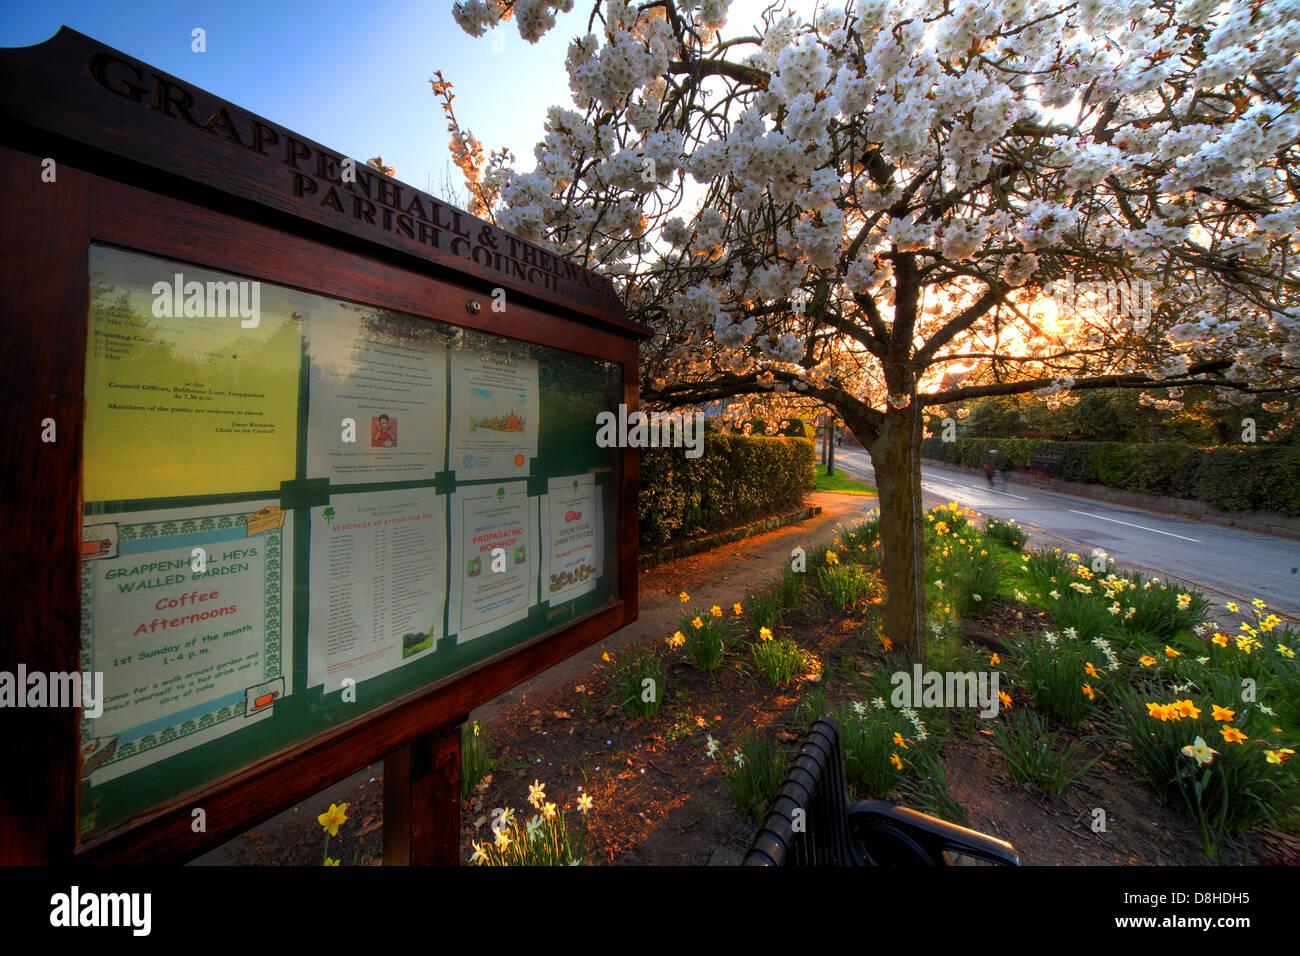 Dieses Stockfoto: Frühlingsabend in der breiten Gasse, Kirschblüte, Gemeinde Aushang,, Grappenhall, Warrington, Cheshire, England, UK, WA4 3ER - D8HDH5